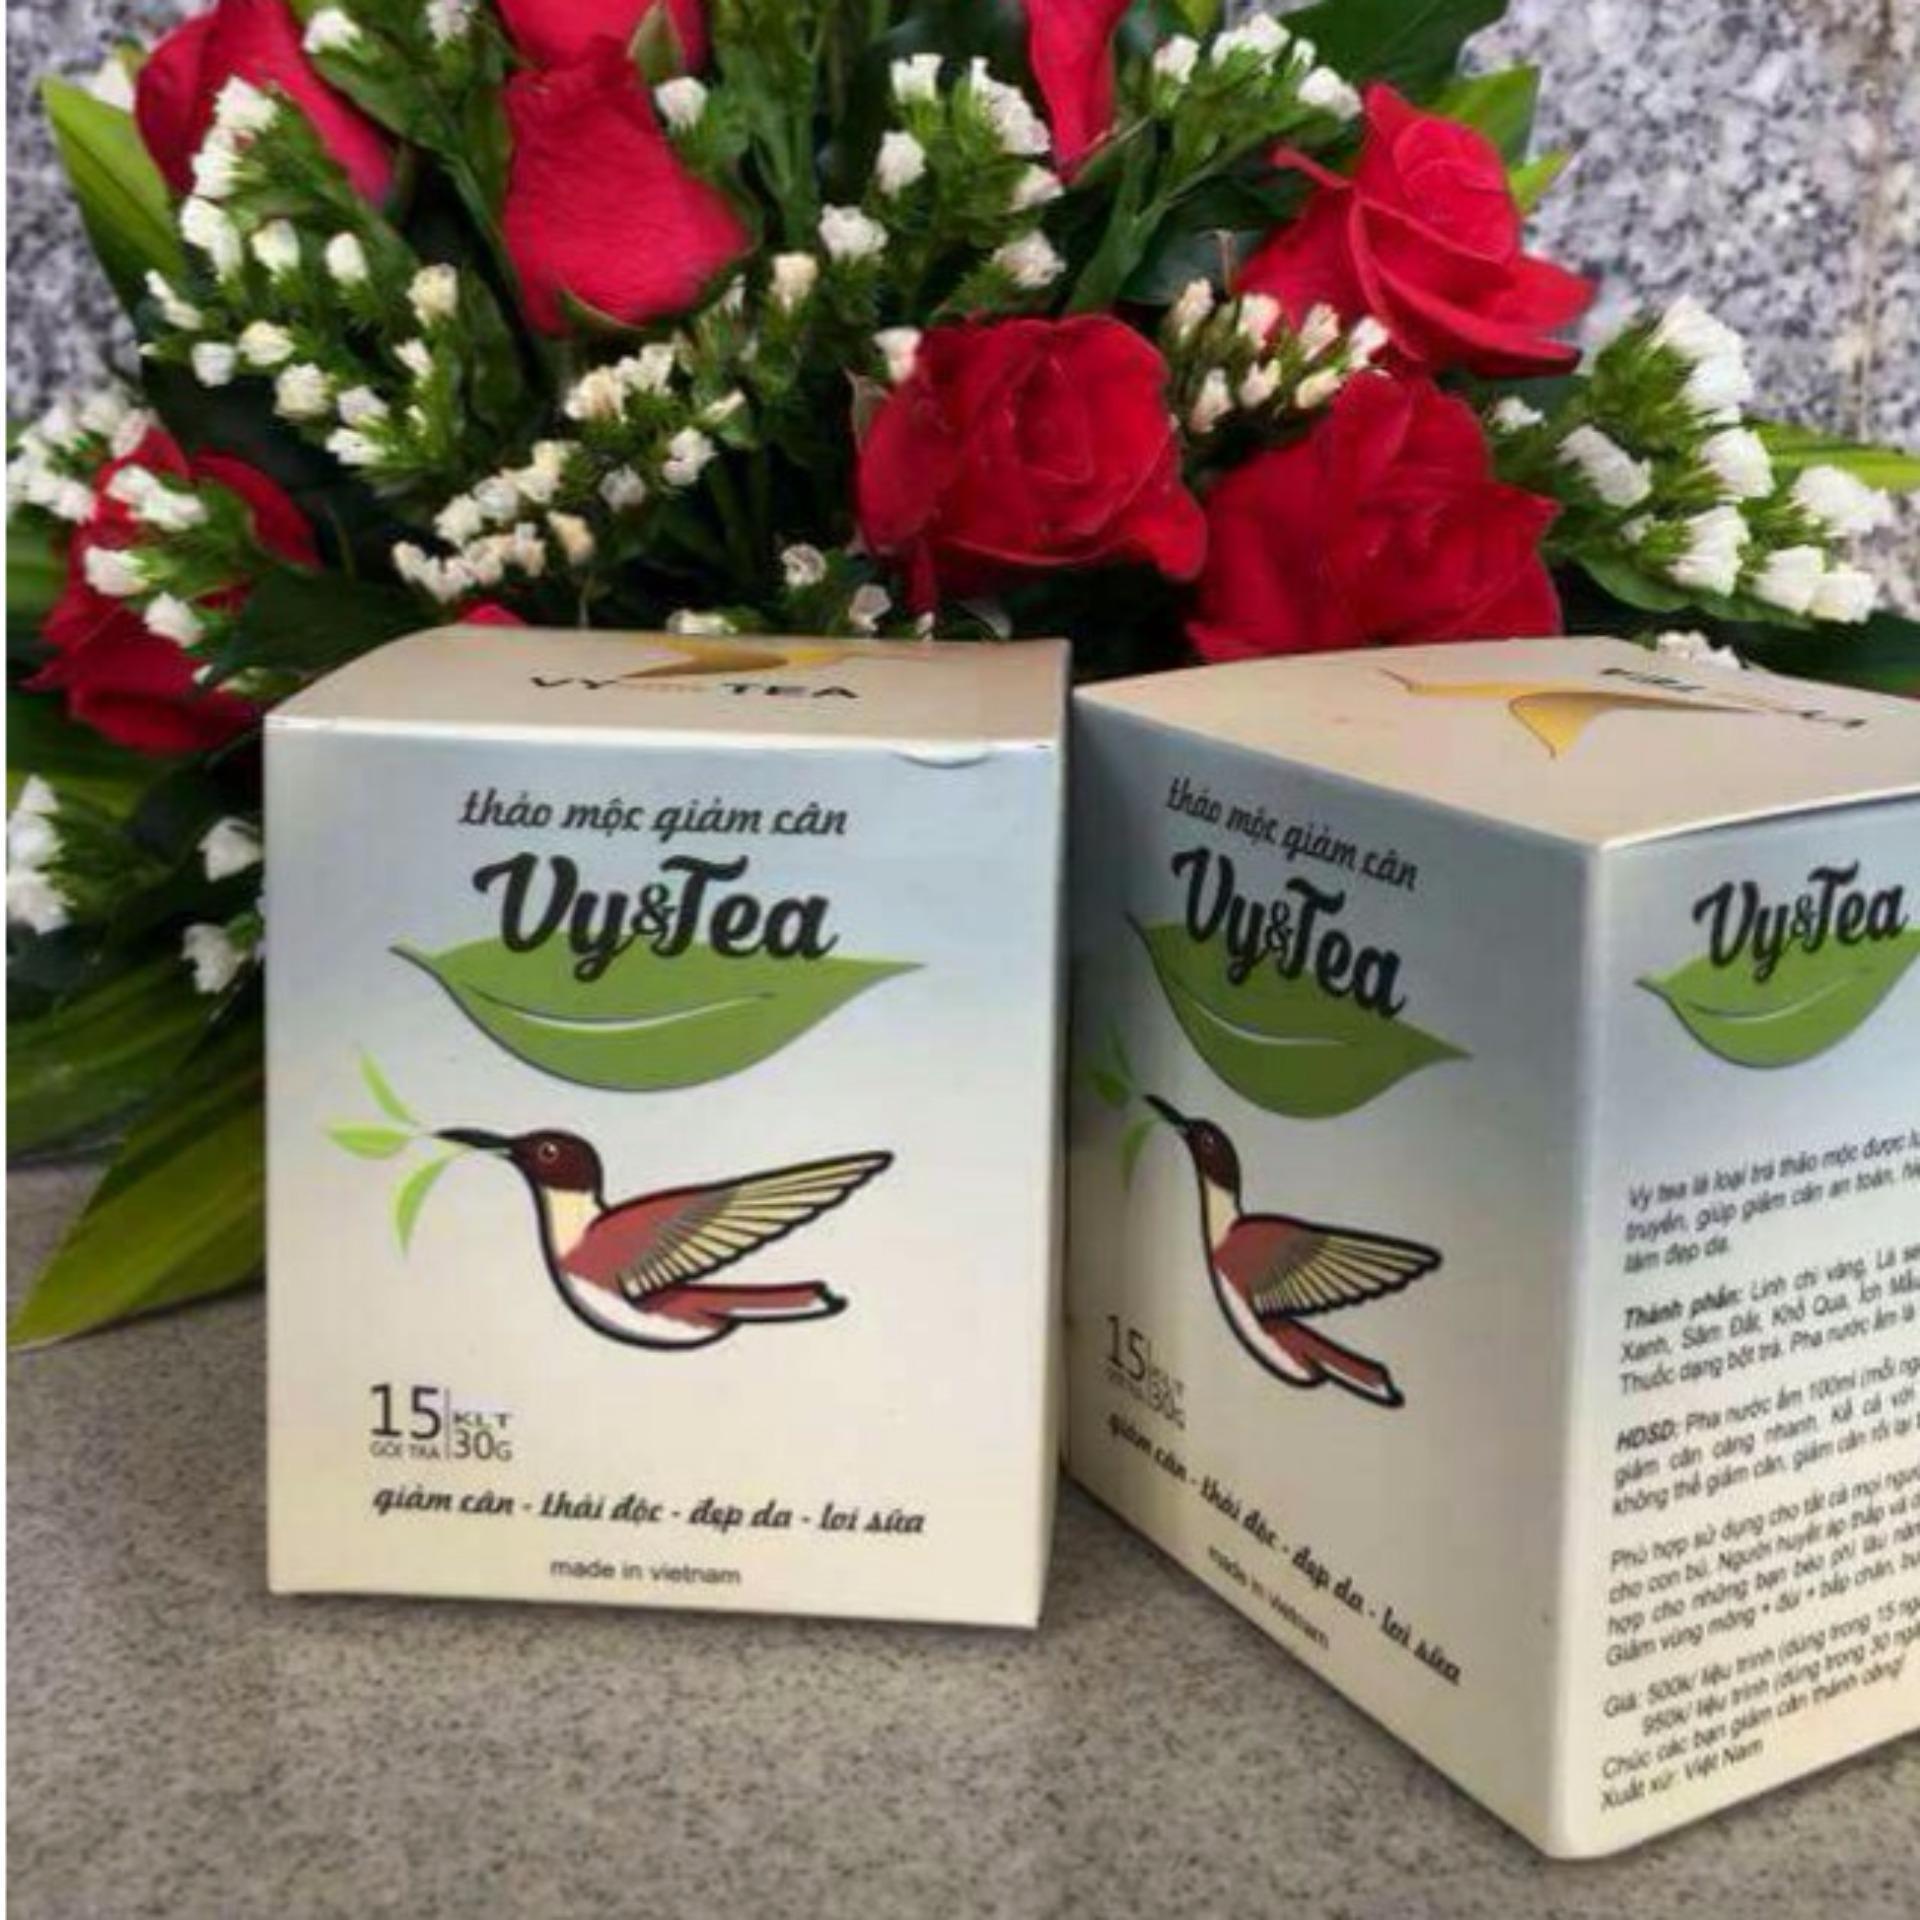 Bộ 2 hộp trà thảo mộc giảm cân Vy & Tea (liệu trình 30 ngày) - HÀNG CHÍNH HÃNG +...